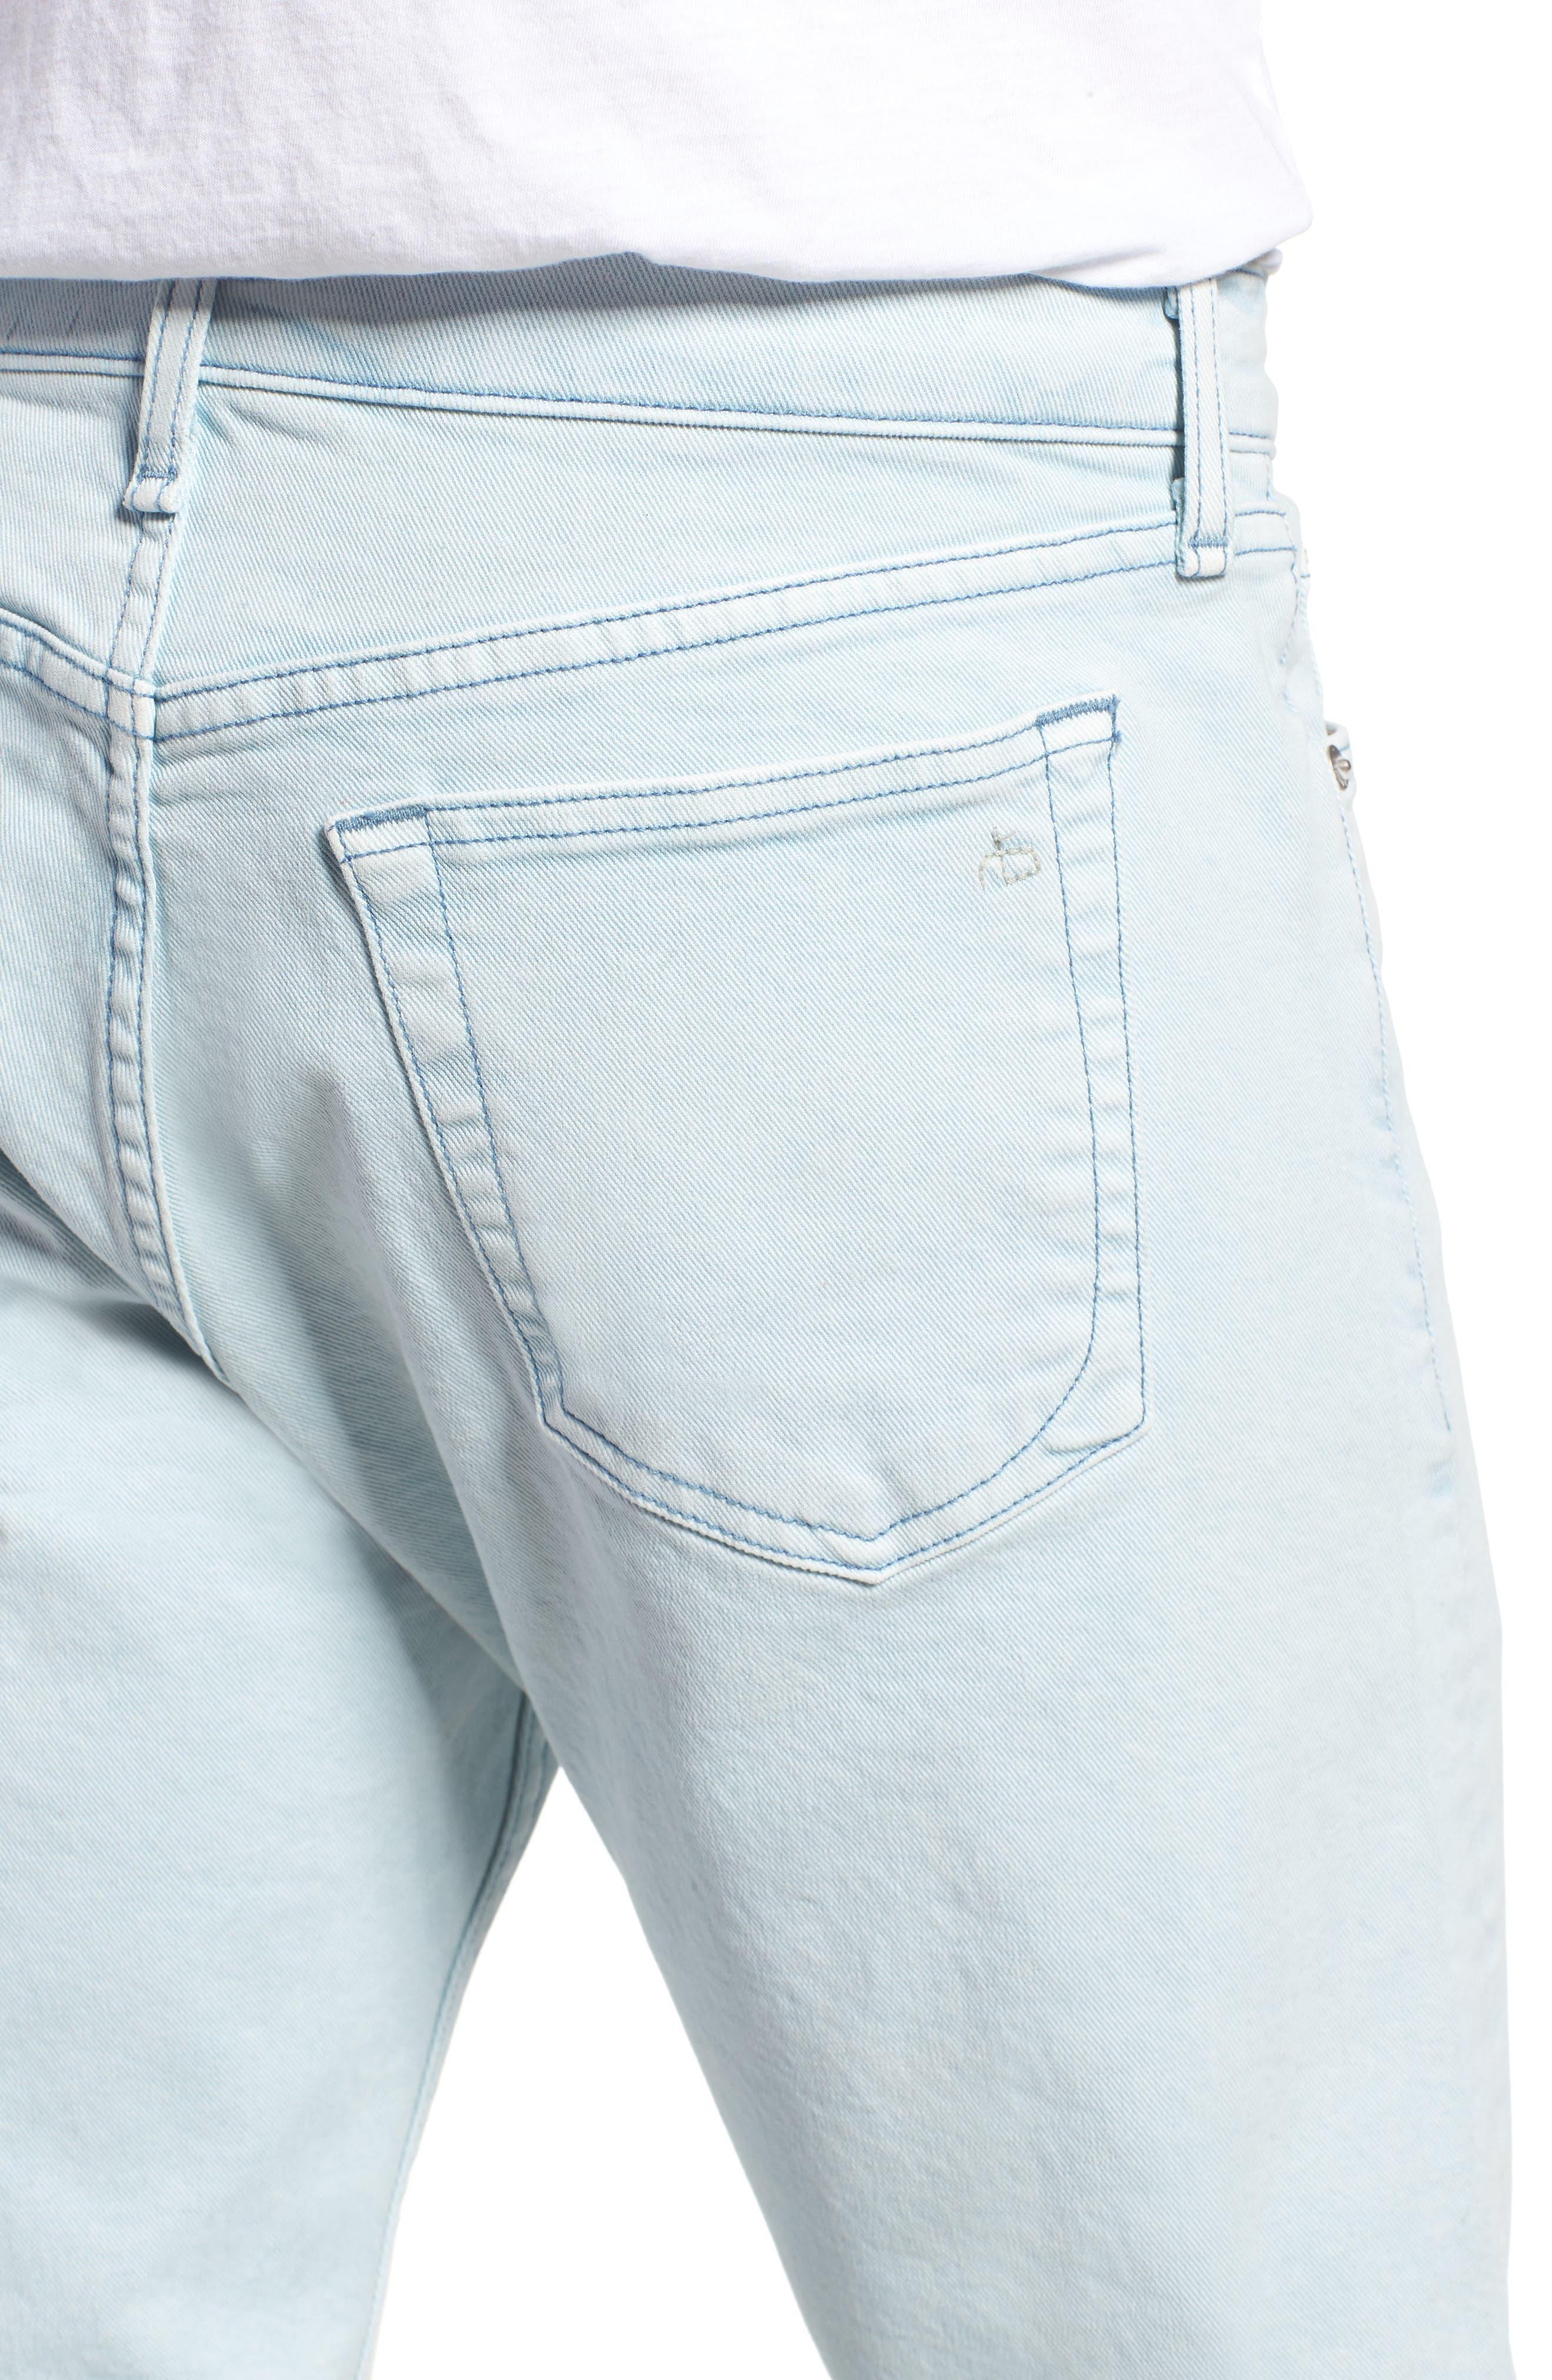 Fit 2 Slim Fit Jeans,                             Alternate thumbnail 4, color,                             Light Blue Pigment